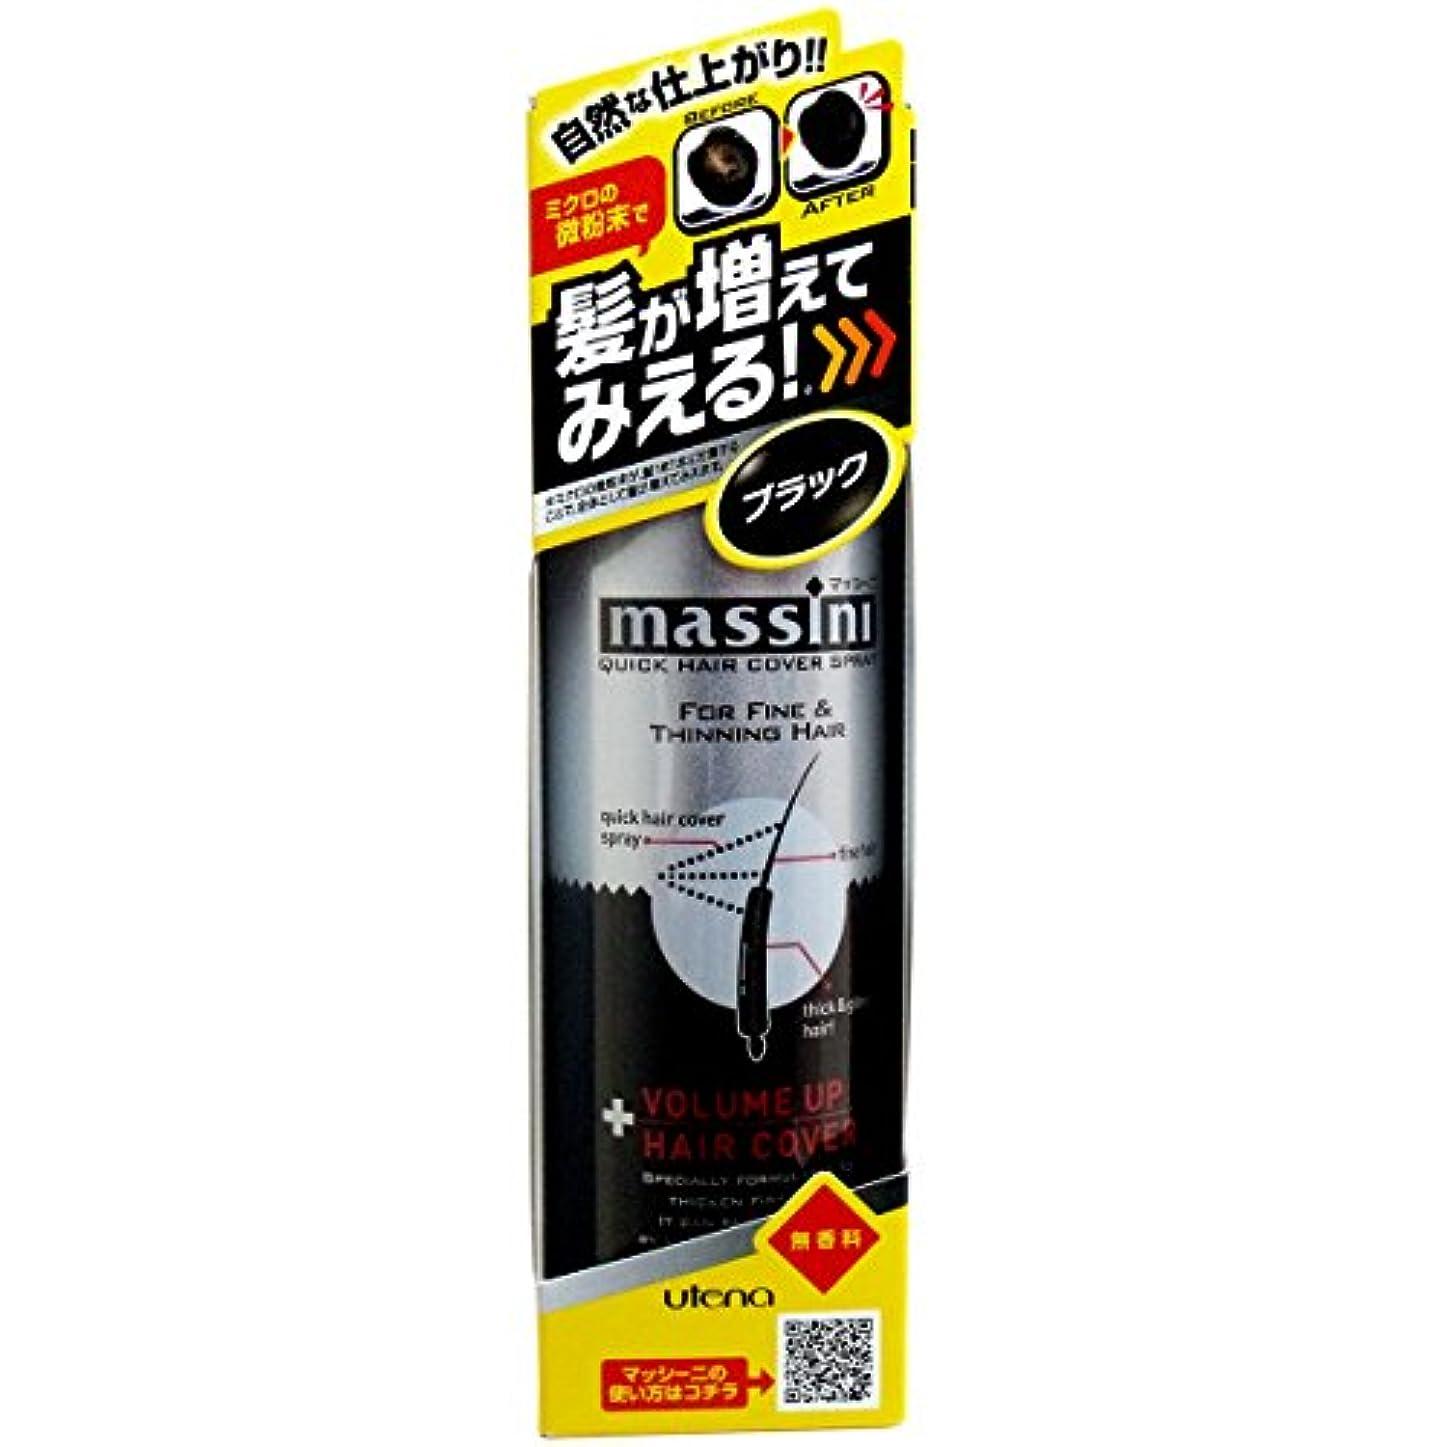 状基準姉妹【ウテナ】マッシーニ クィックヘアカバースプレー(ブラック) 140g ×3個セット